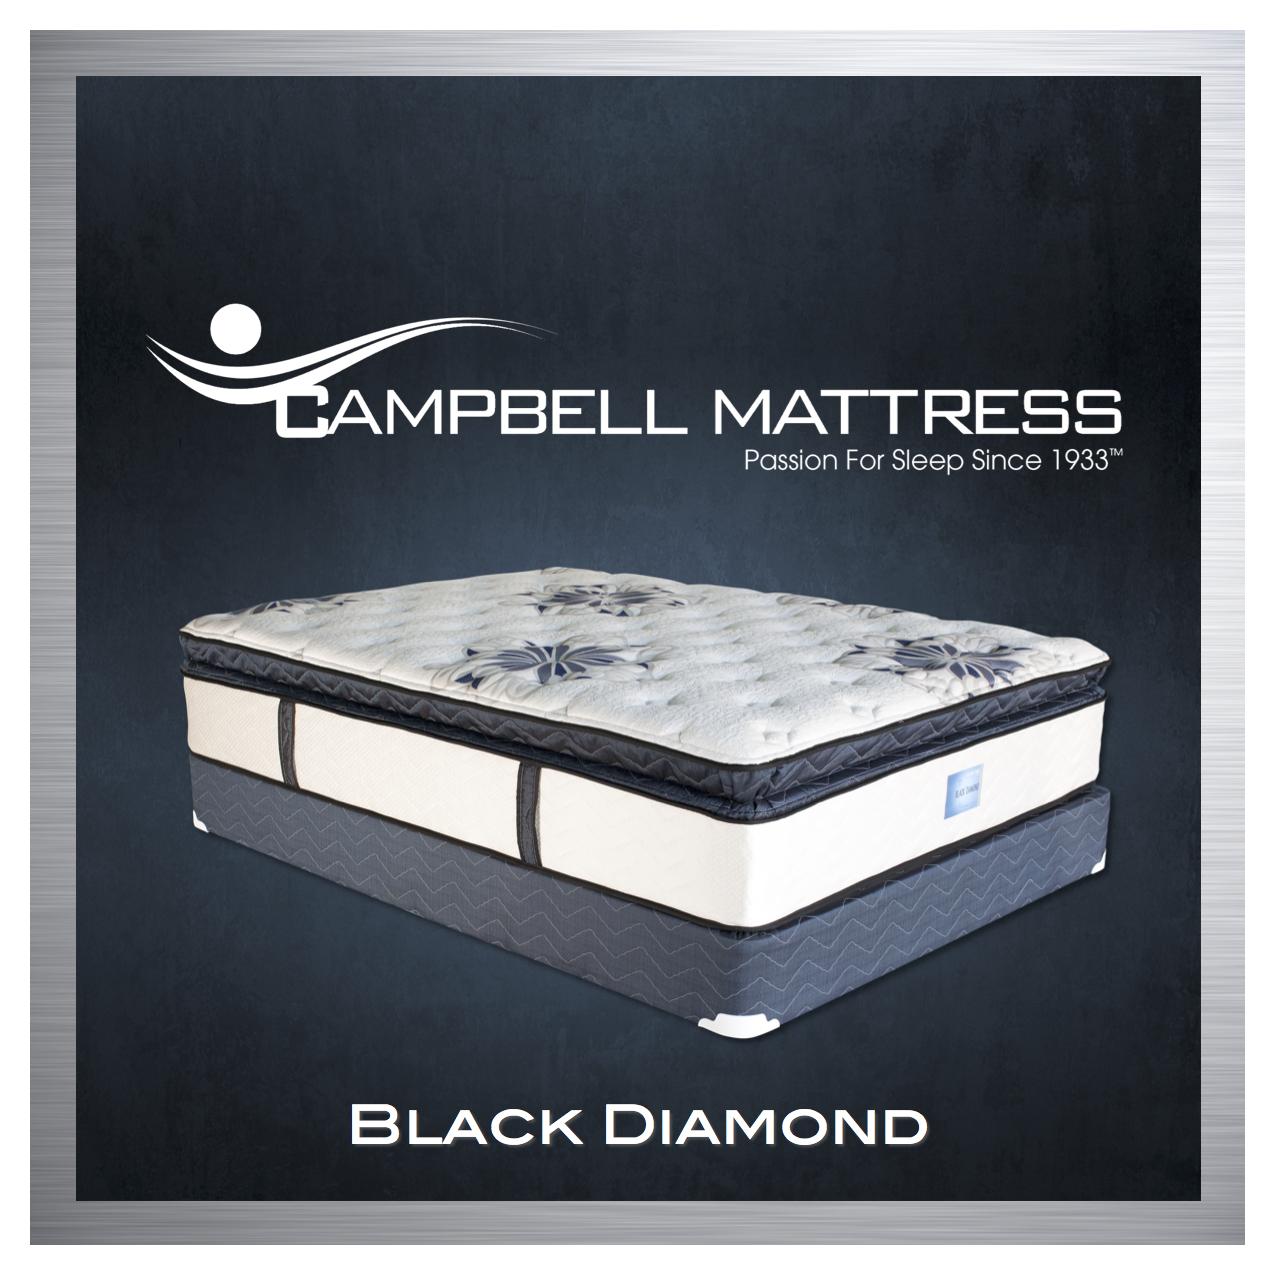 campbell mattress mattress reviews goodbed com